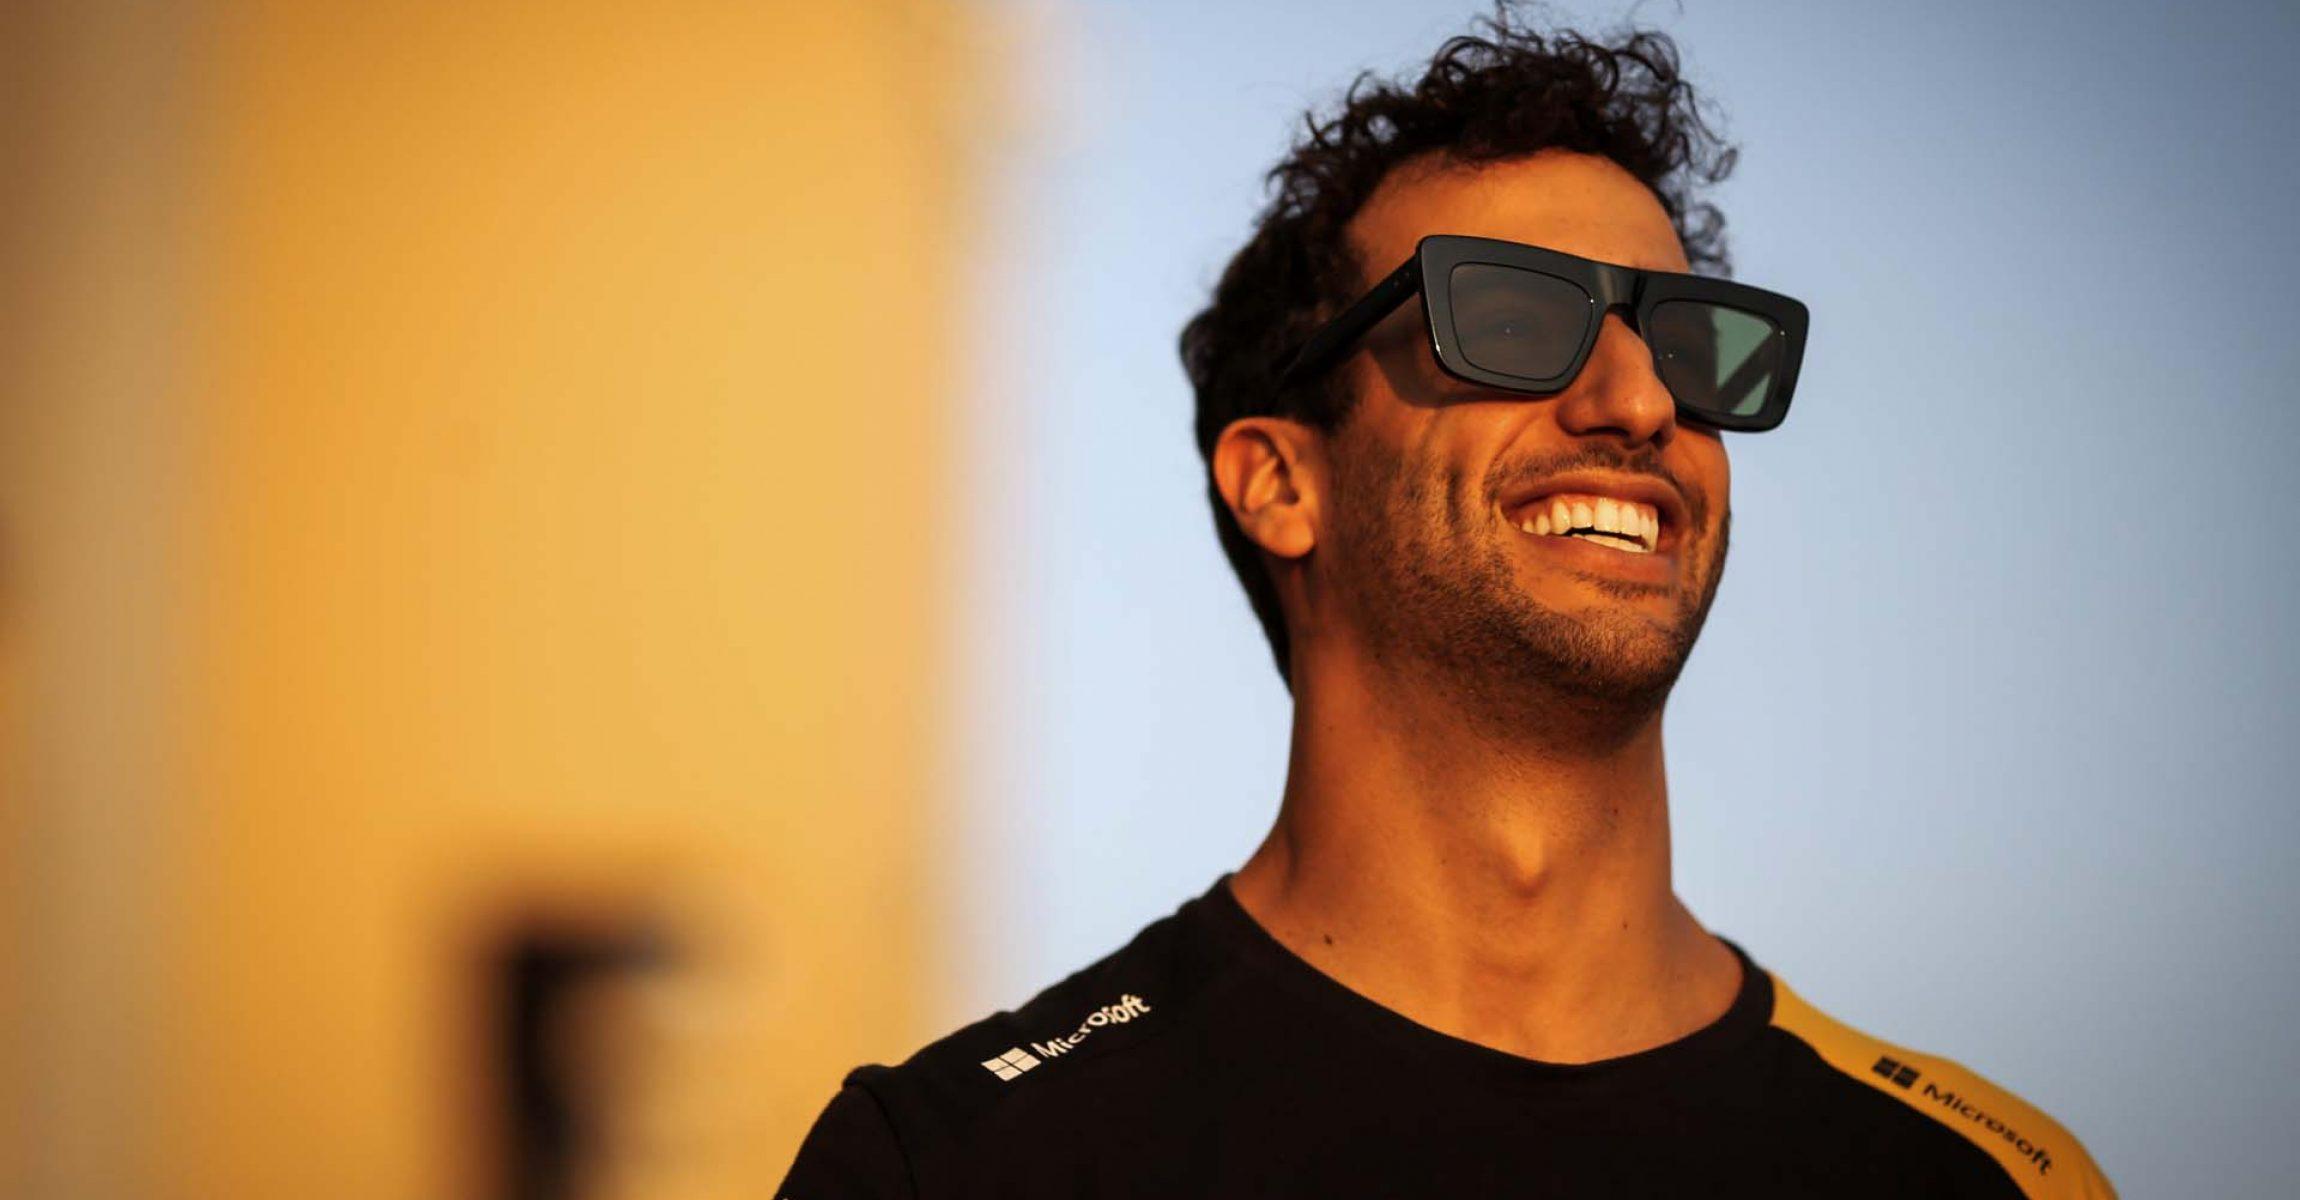 Daniel Ricciardo (AUS) Renault F1 Team. Abu Dhabi Grand Prix, Thursday 28th November 2019. Yas Marina Circuit, Abu Dhabi, UAE.